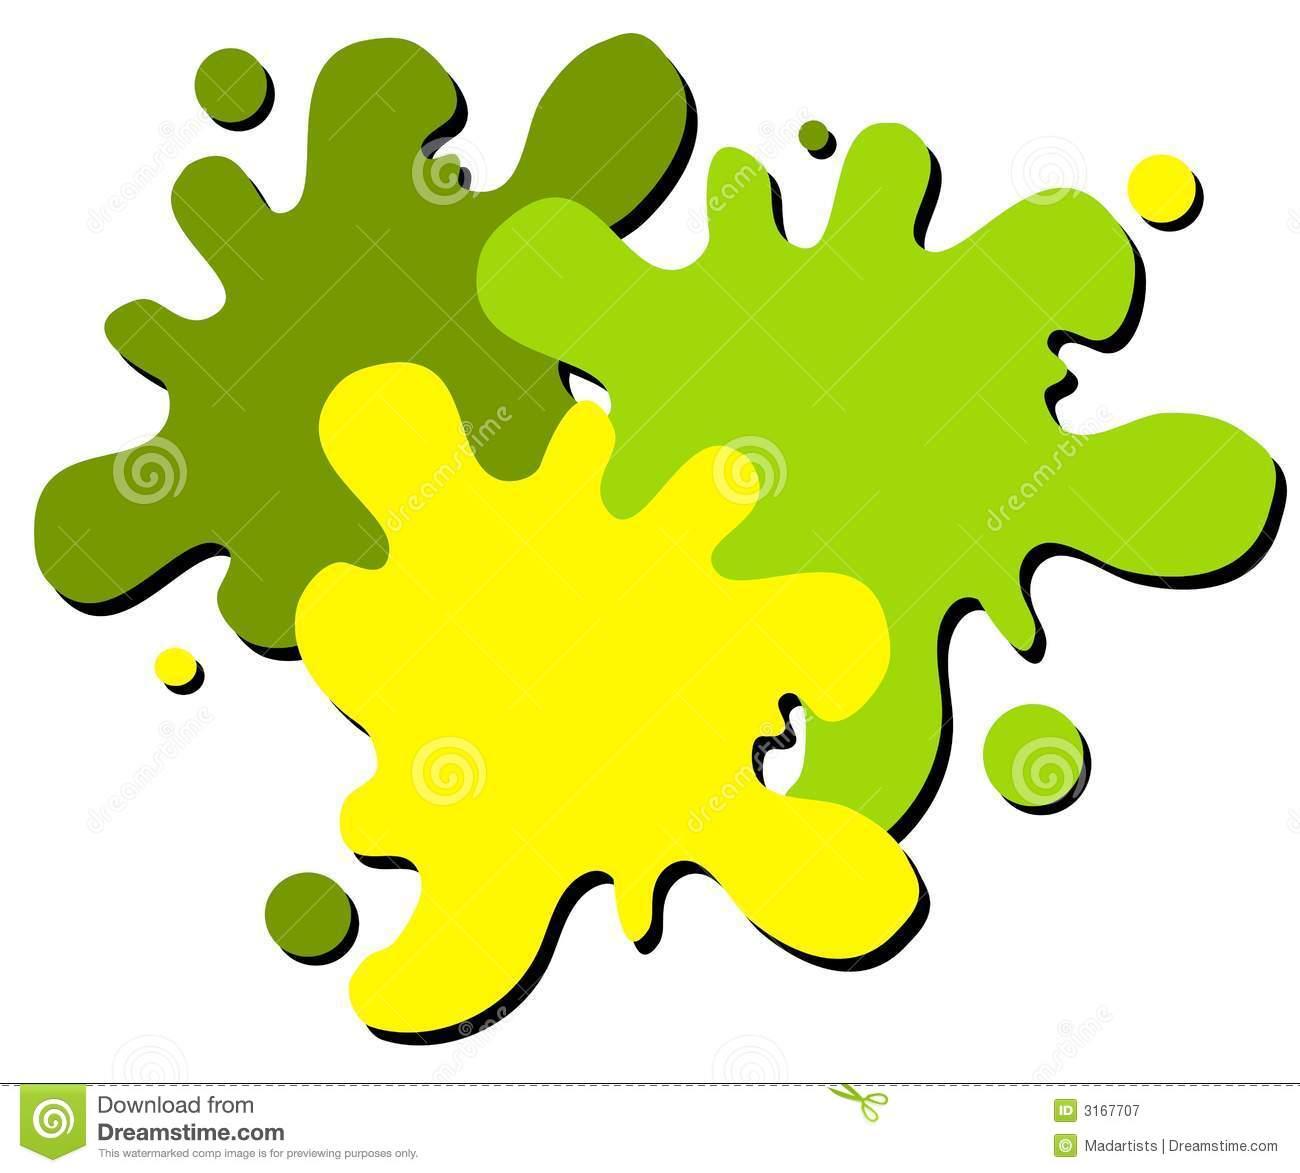 Clipart free preschool paint splatter puzzle clipart free Collection of Paint splatter clipart | Free download best Paint ... clipart free